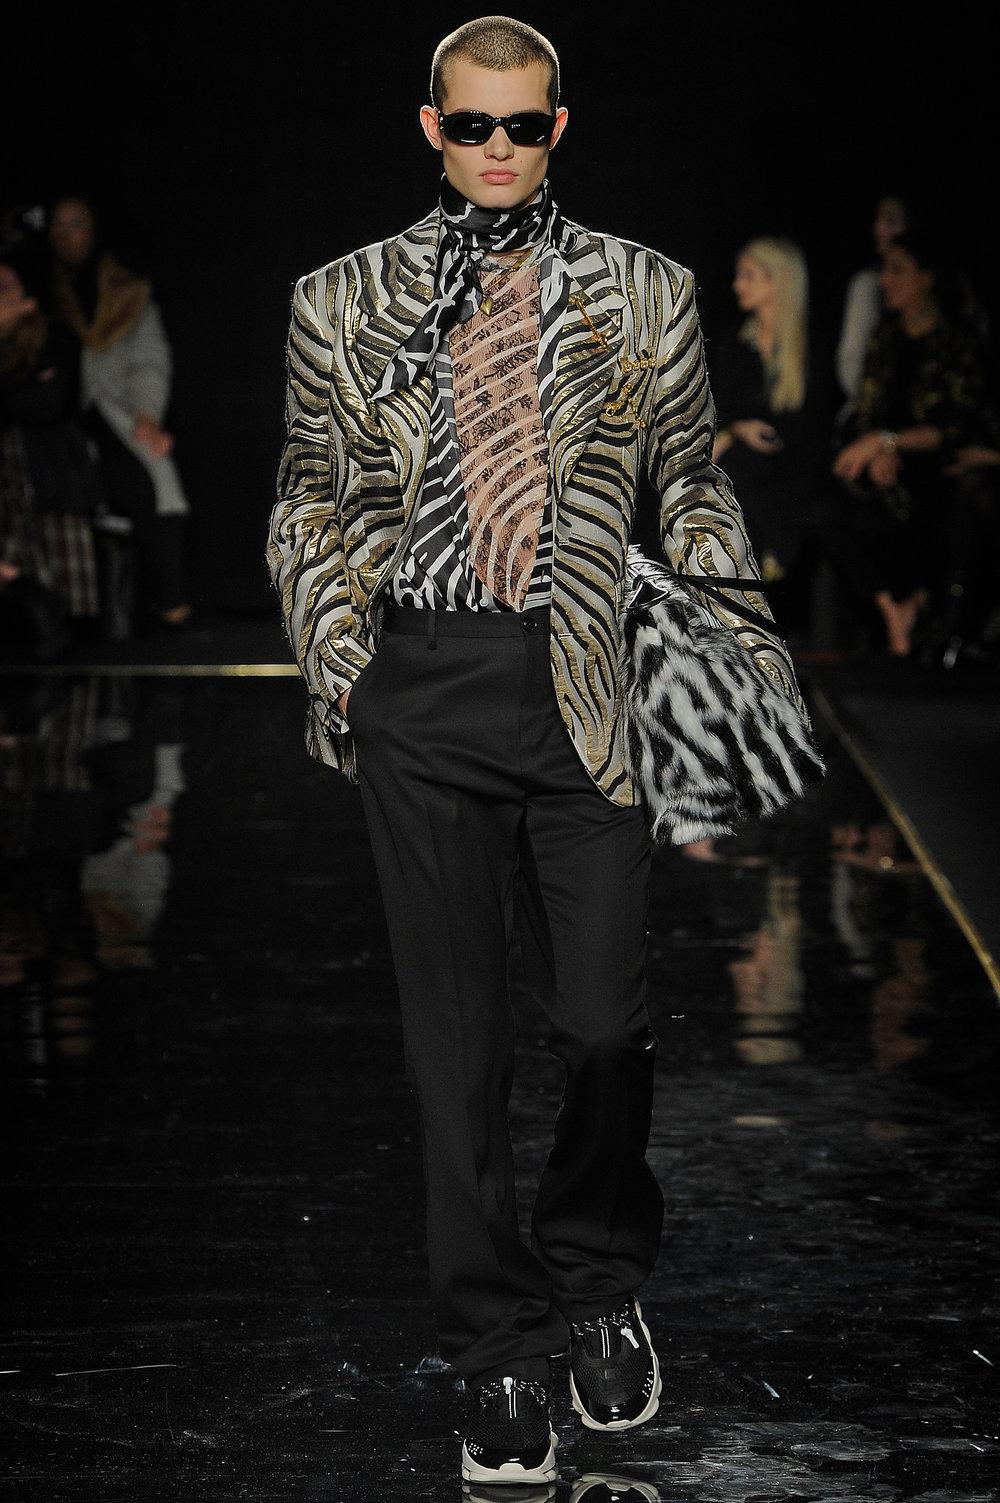 Versace_14_54_versace_runway_runway_00014.jpg